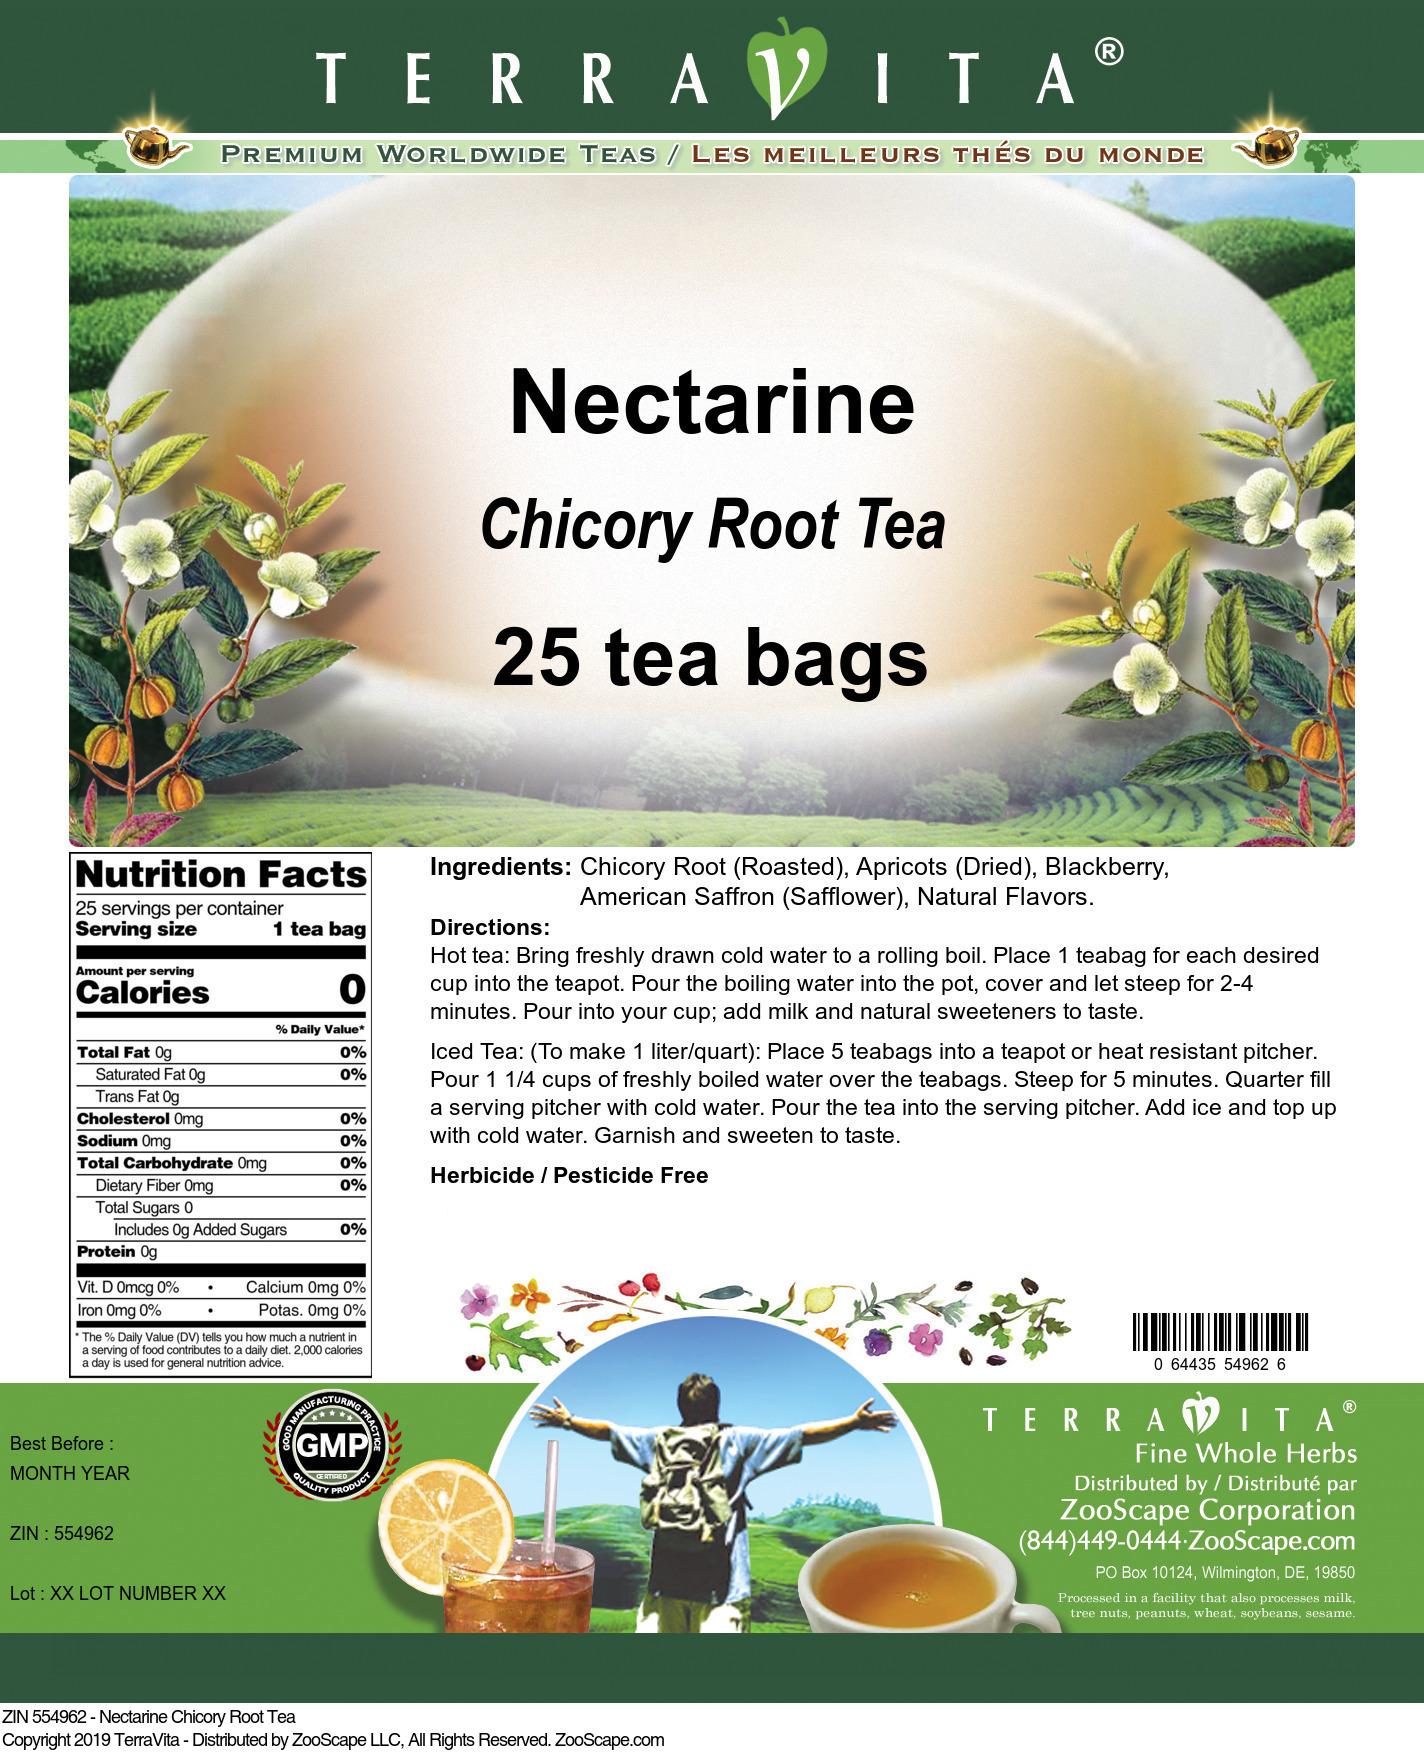 Nectarine Chicory Root Tea